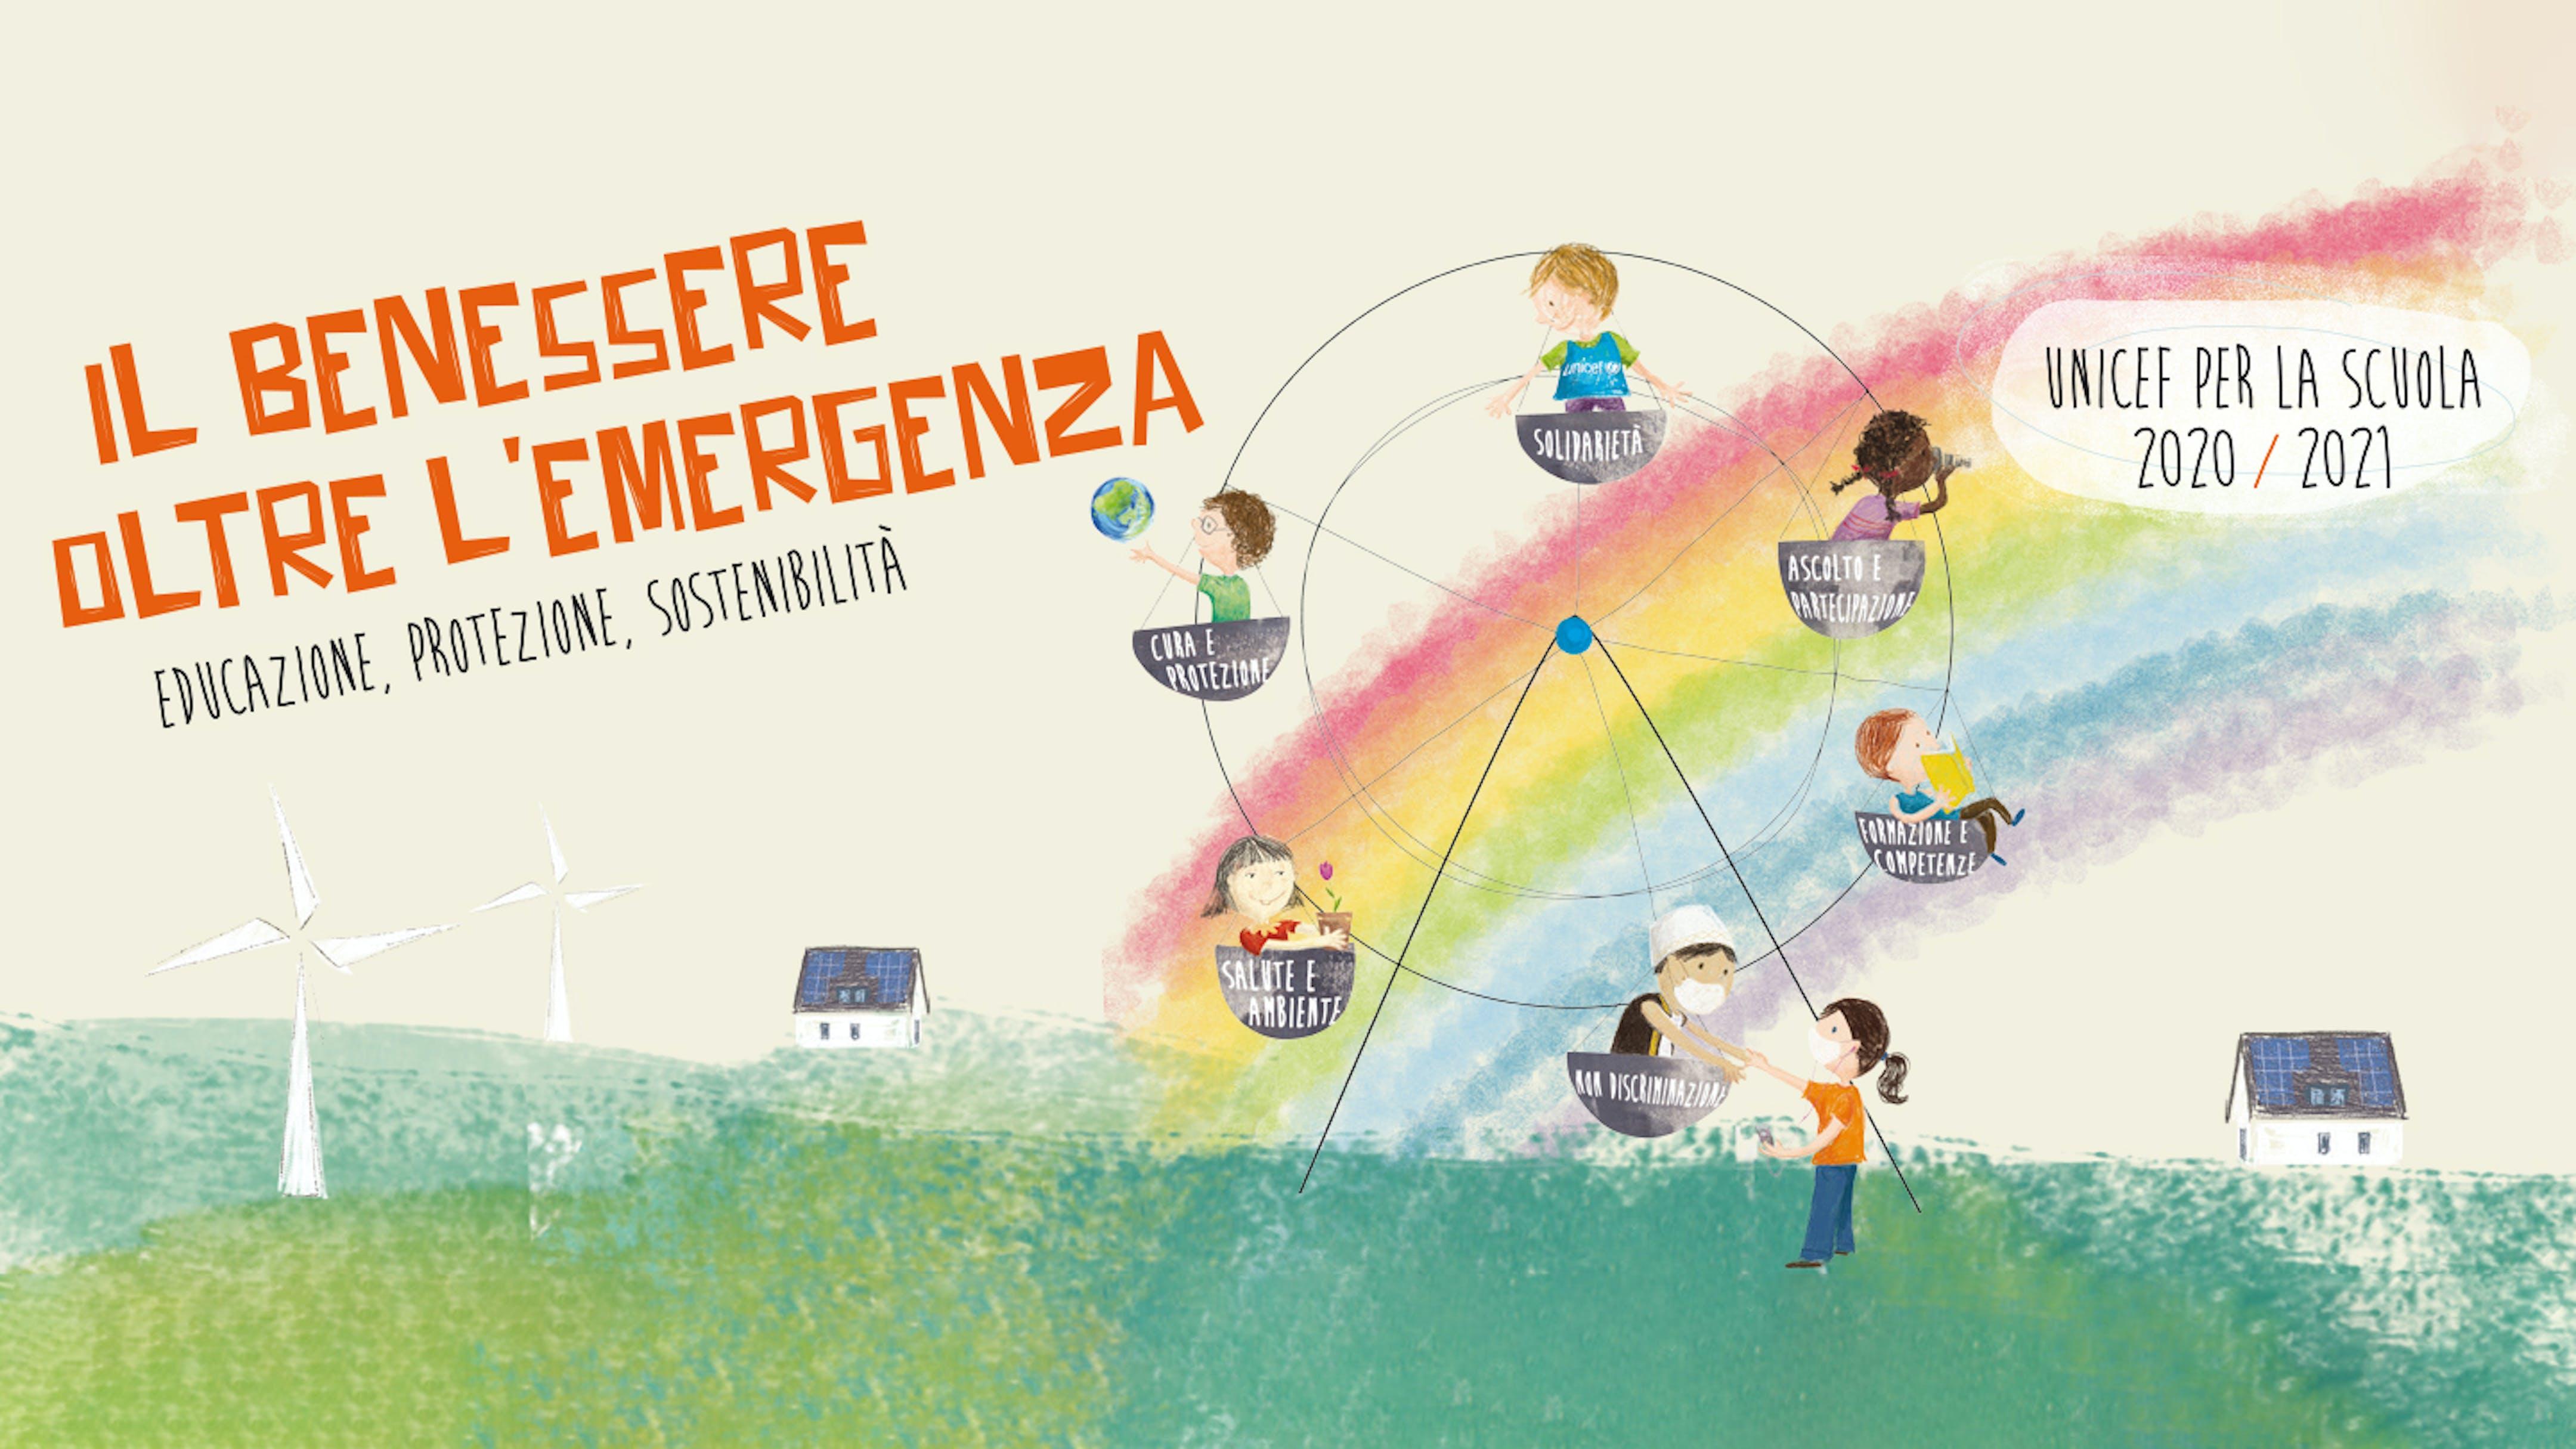 UNICEF per la scuola 2020-21